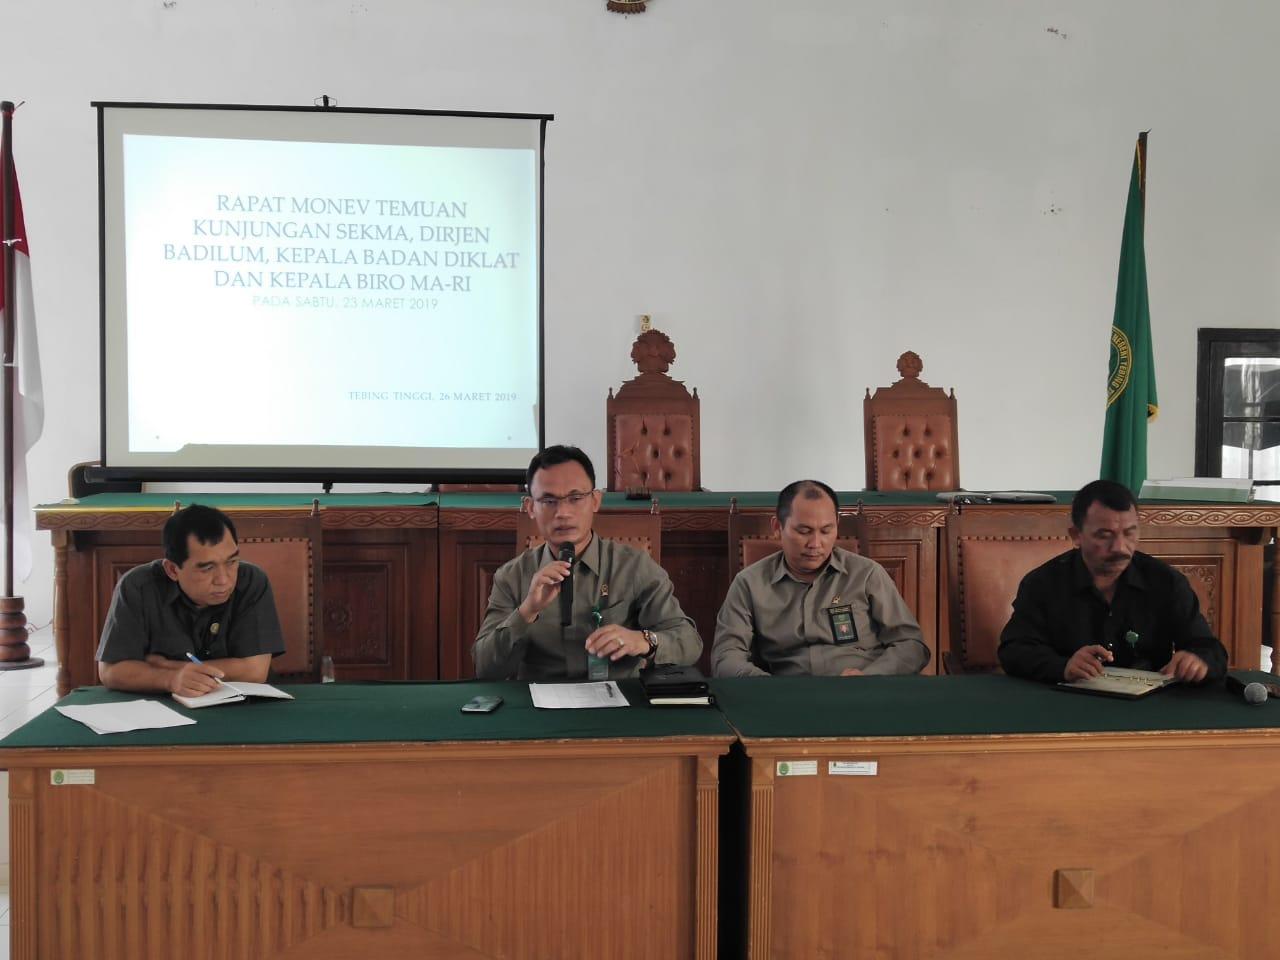 Rapat Monev Temuan Kunjungan Sekma, Dirjen Badilum, Kepala Badan Diklat dan Kepala Biro MA-RI